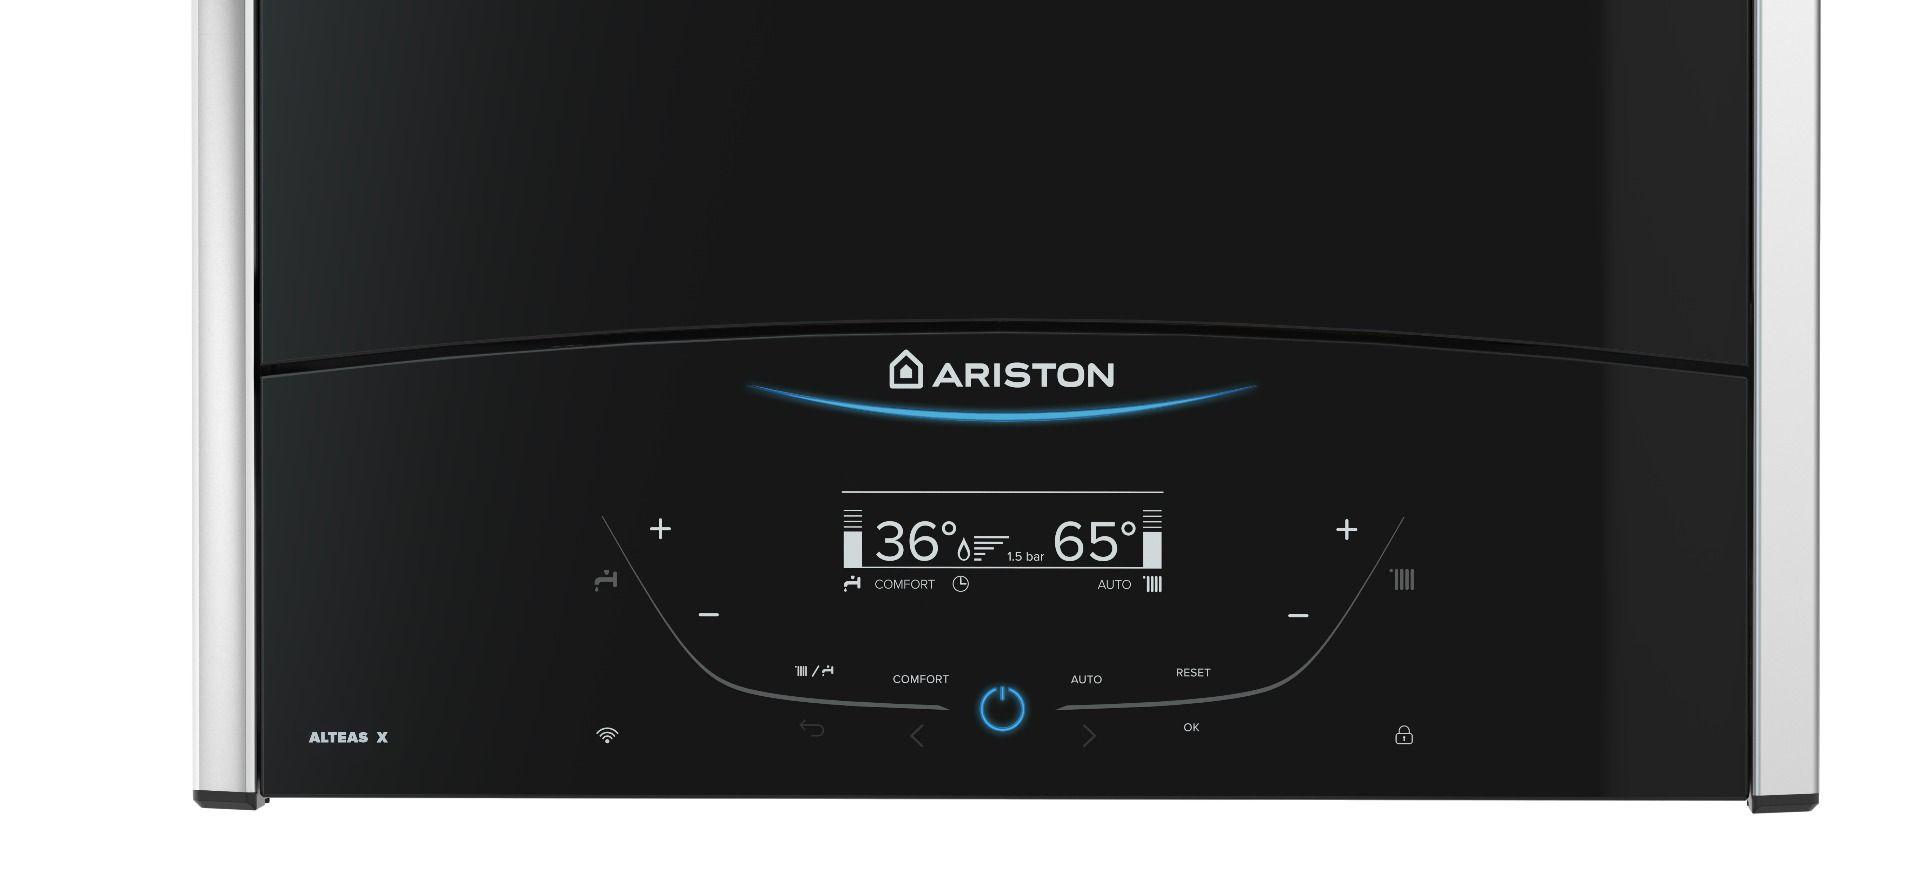 Газовый котел Ariston Alteas X 32 FF NG  изображение 2